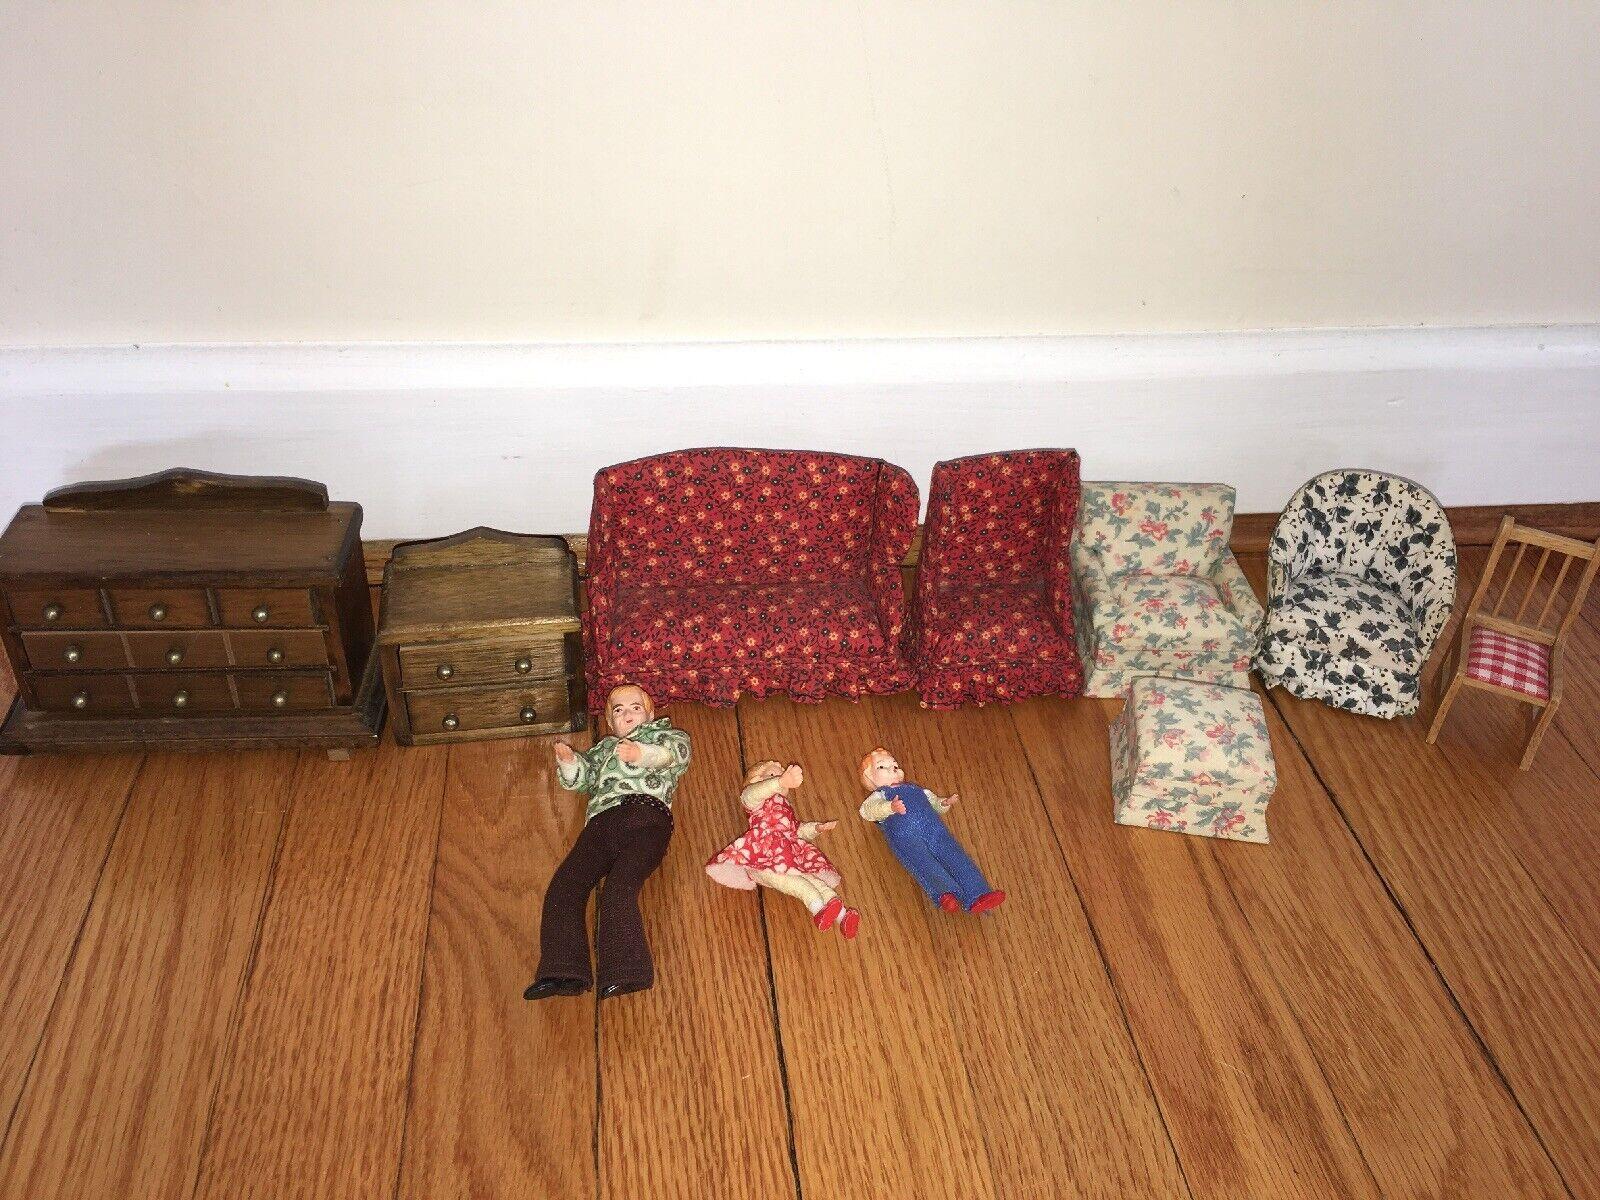 Lote De Vintage muñeca casa muebles y figuras Concord miniatura sofá De Madera